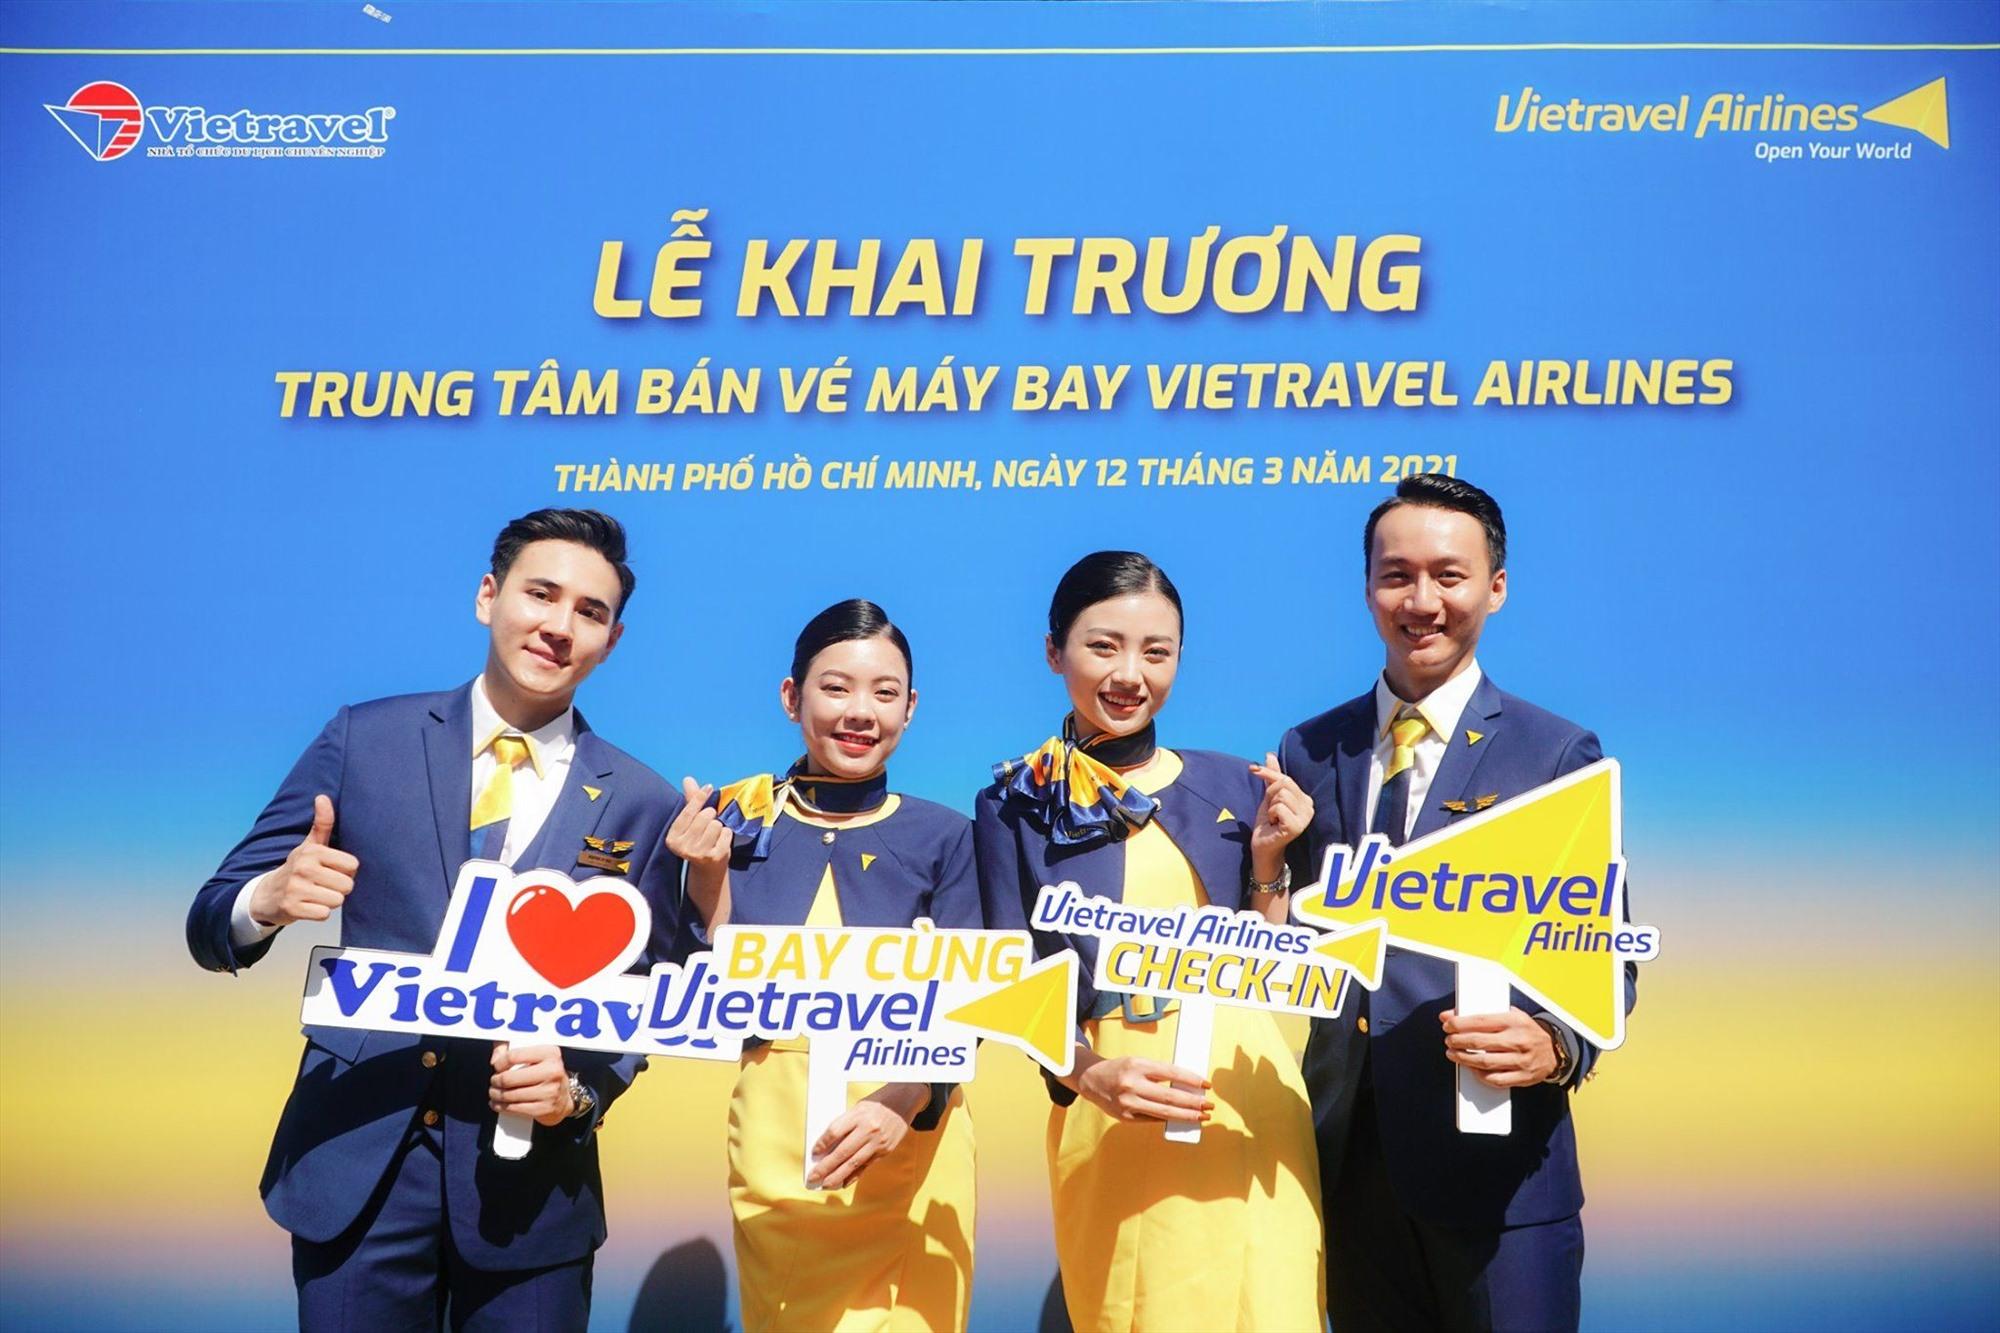 Vietravel Airlines – Hãng hàng không du lịch đầu tiên của Việt Nam